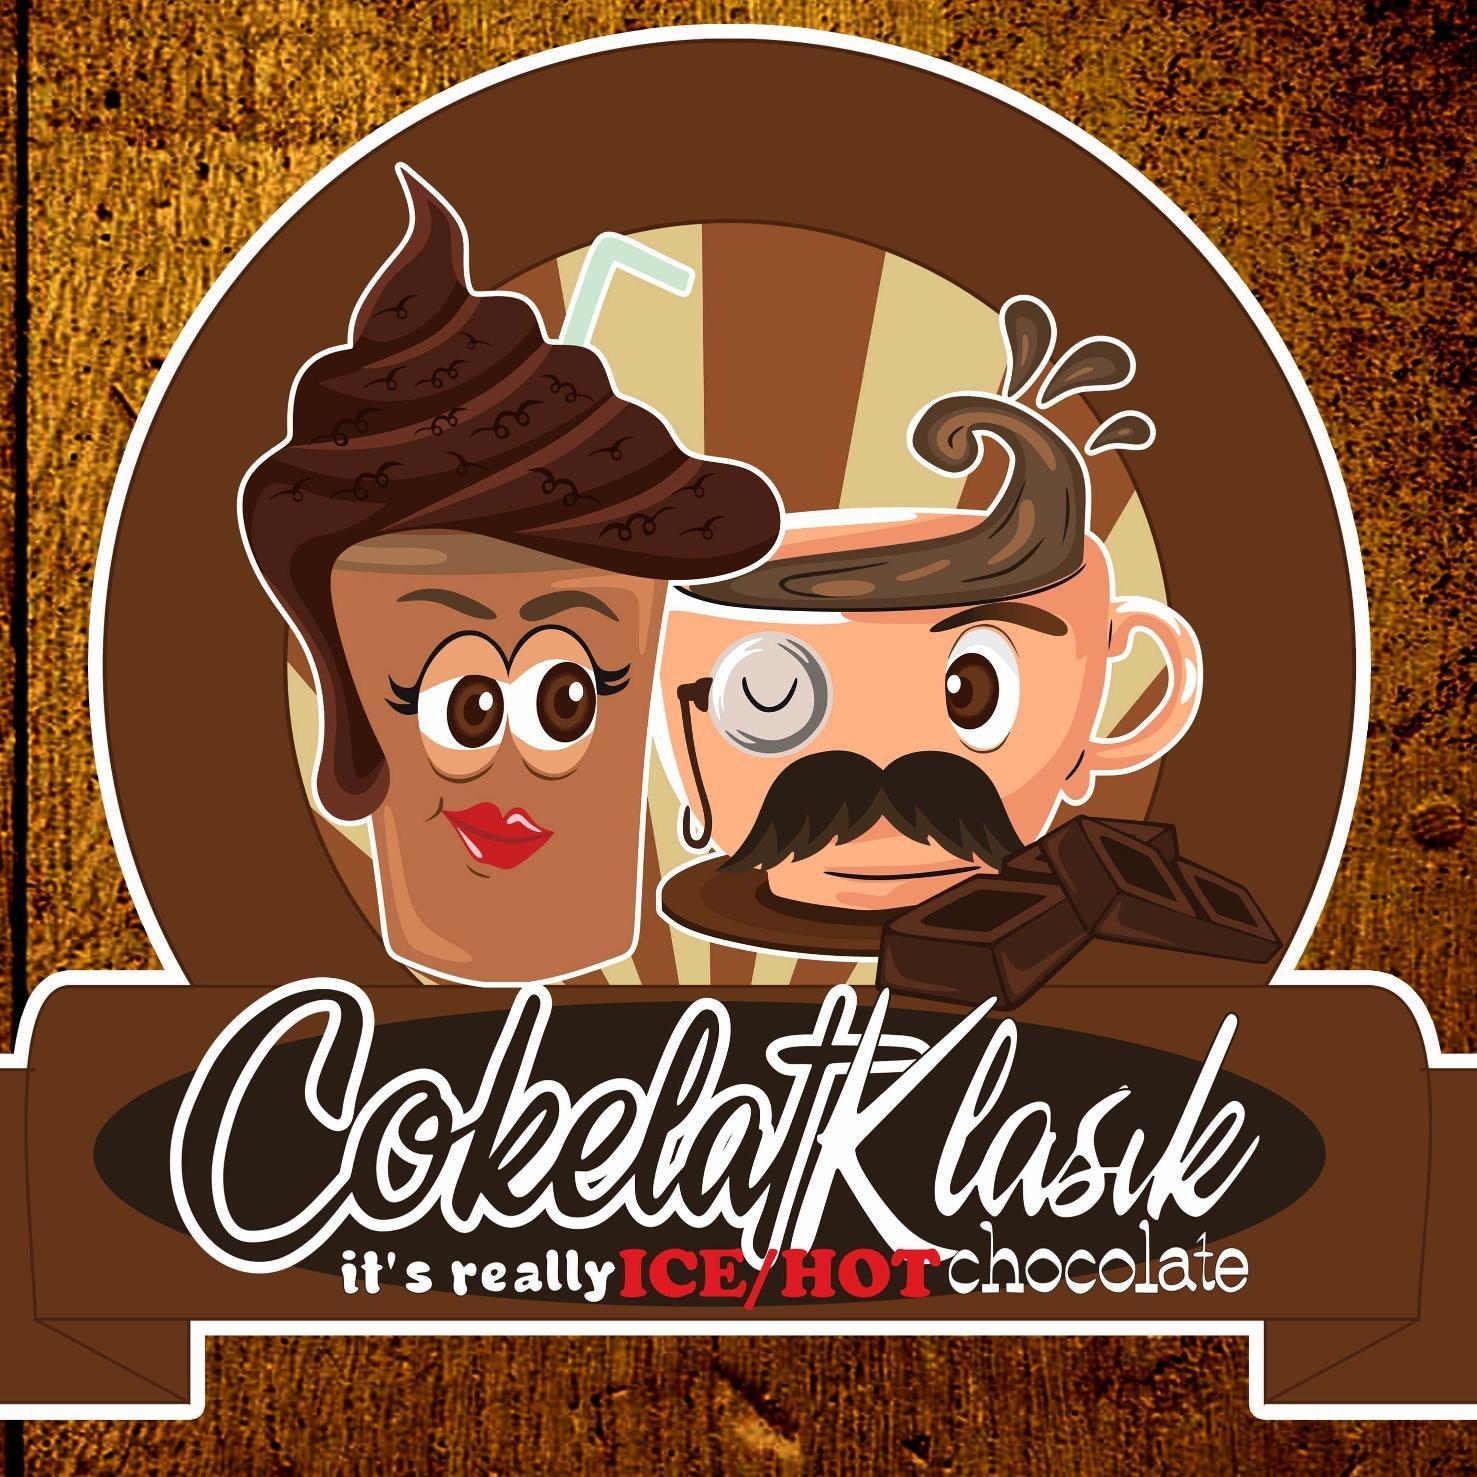 Cokelat Klasik On Twitter Http T Co Knusm89x1r